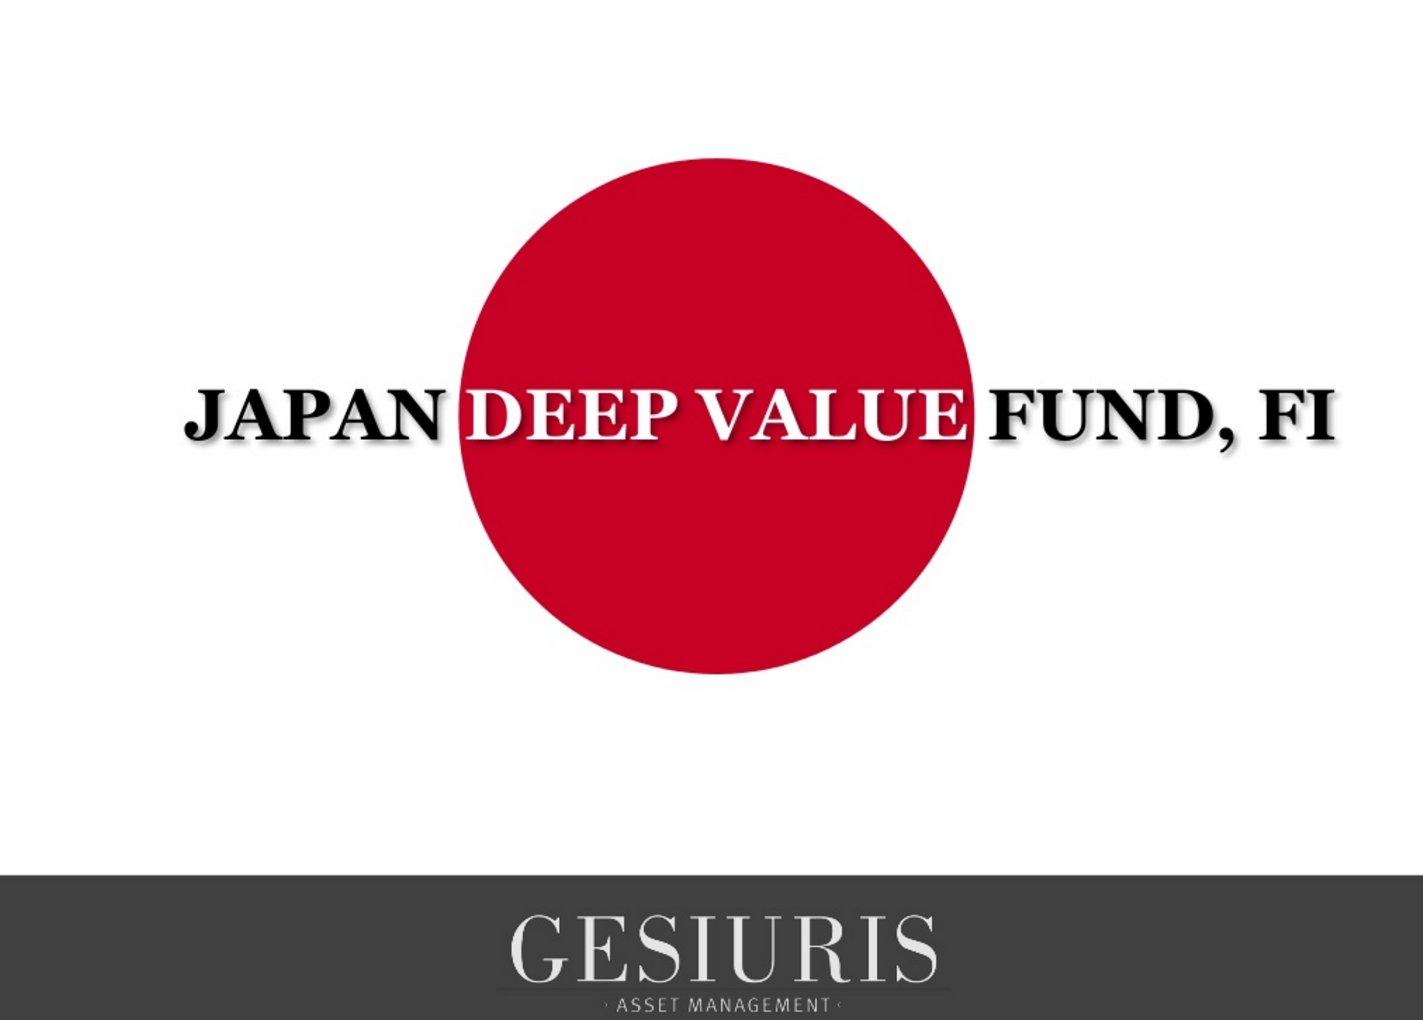 Japan Deep Value Fund